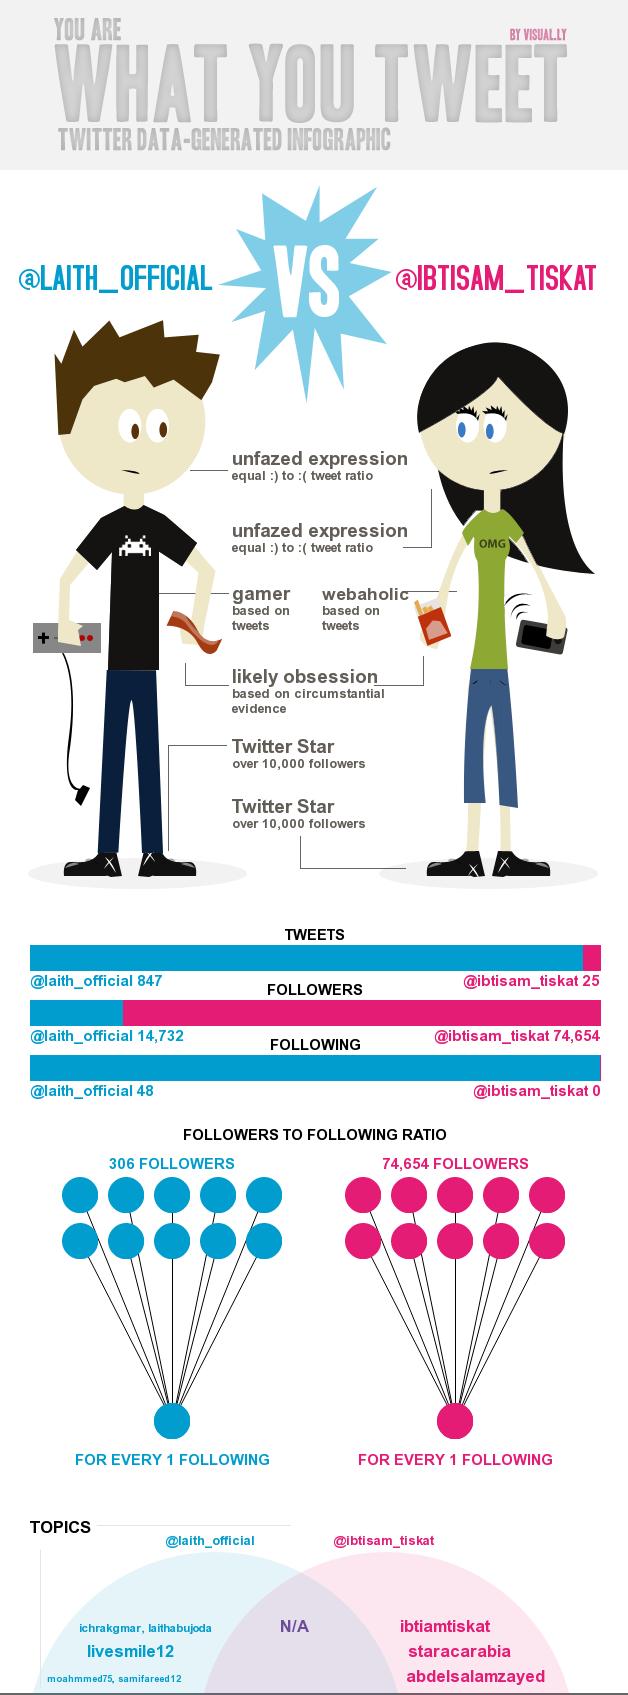 مقارنة بين #ليث_ابو_جودة و #ابتسام_تسكت على #تويتر #ستار_اكاديمي #خلي_نجمك_يلمع